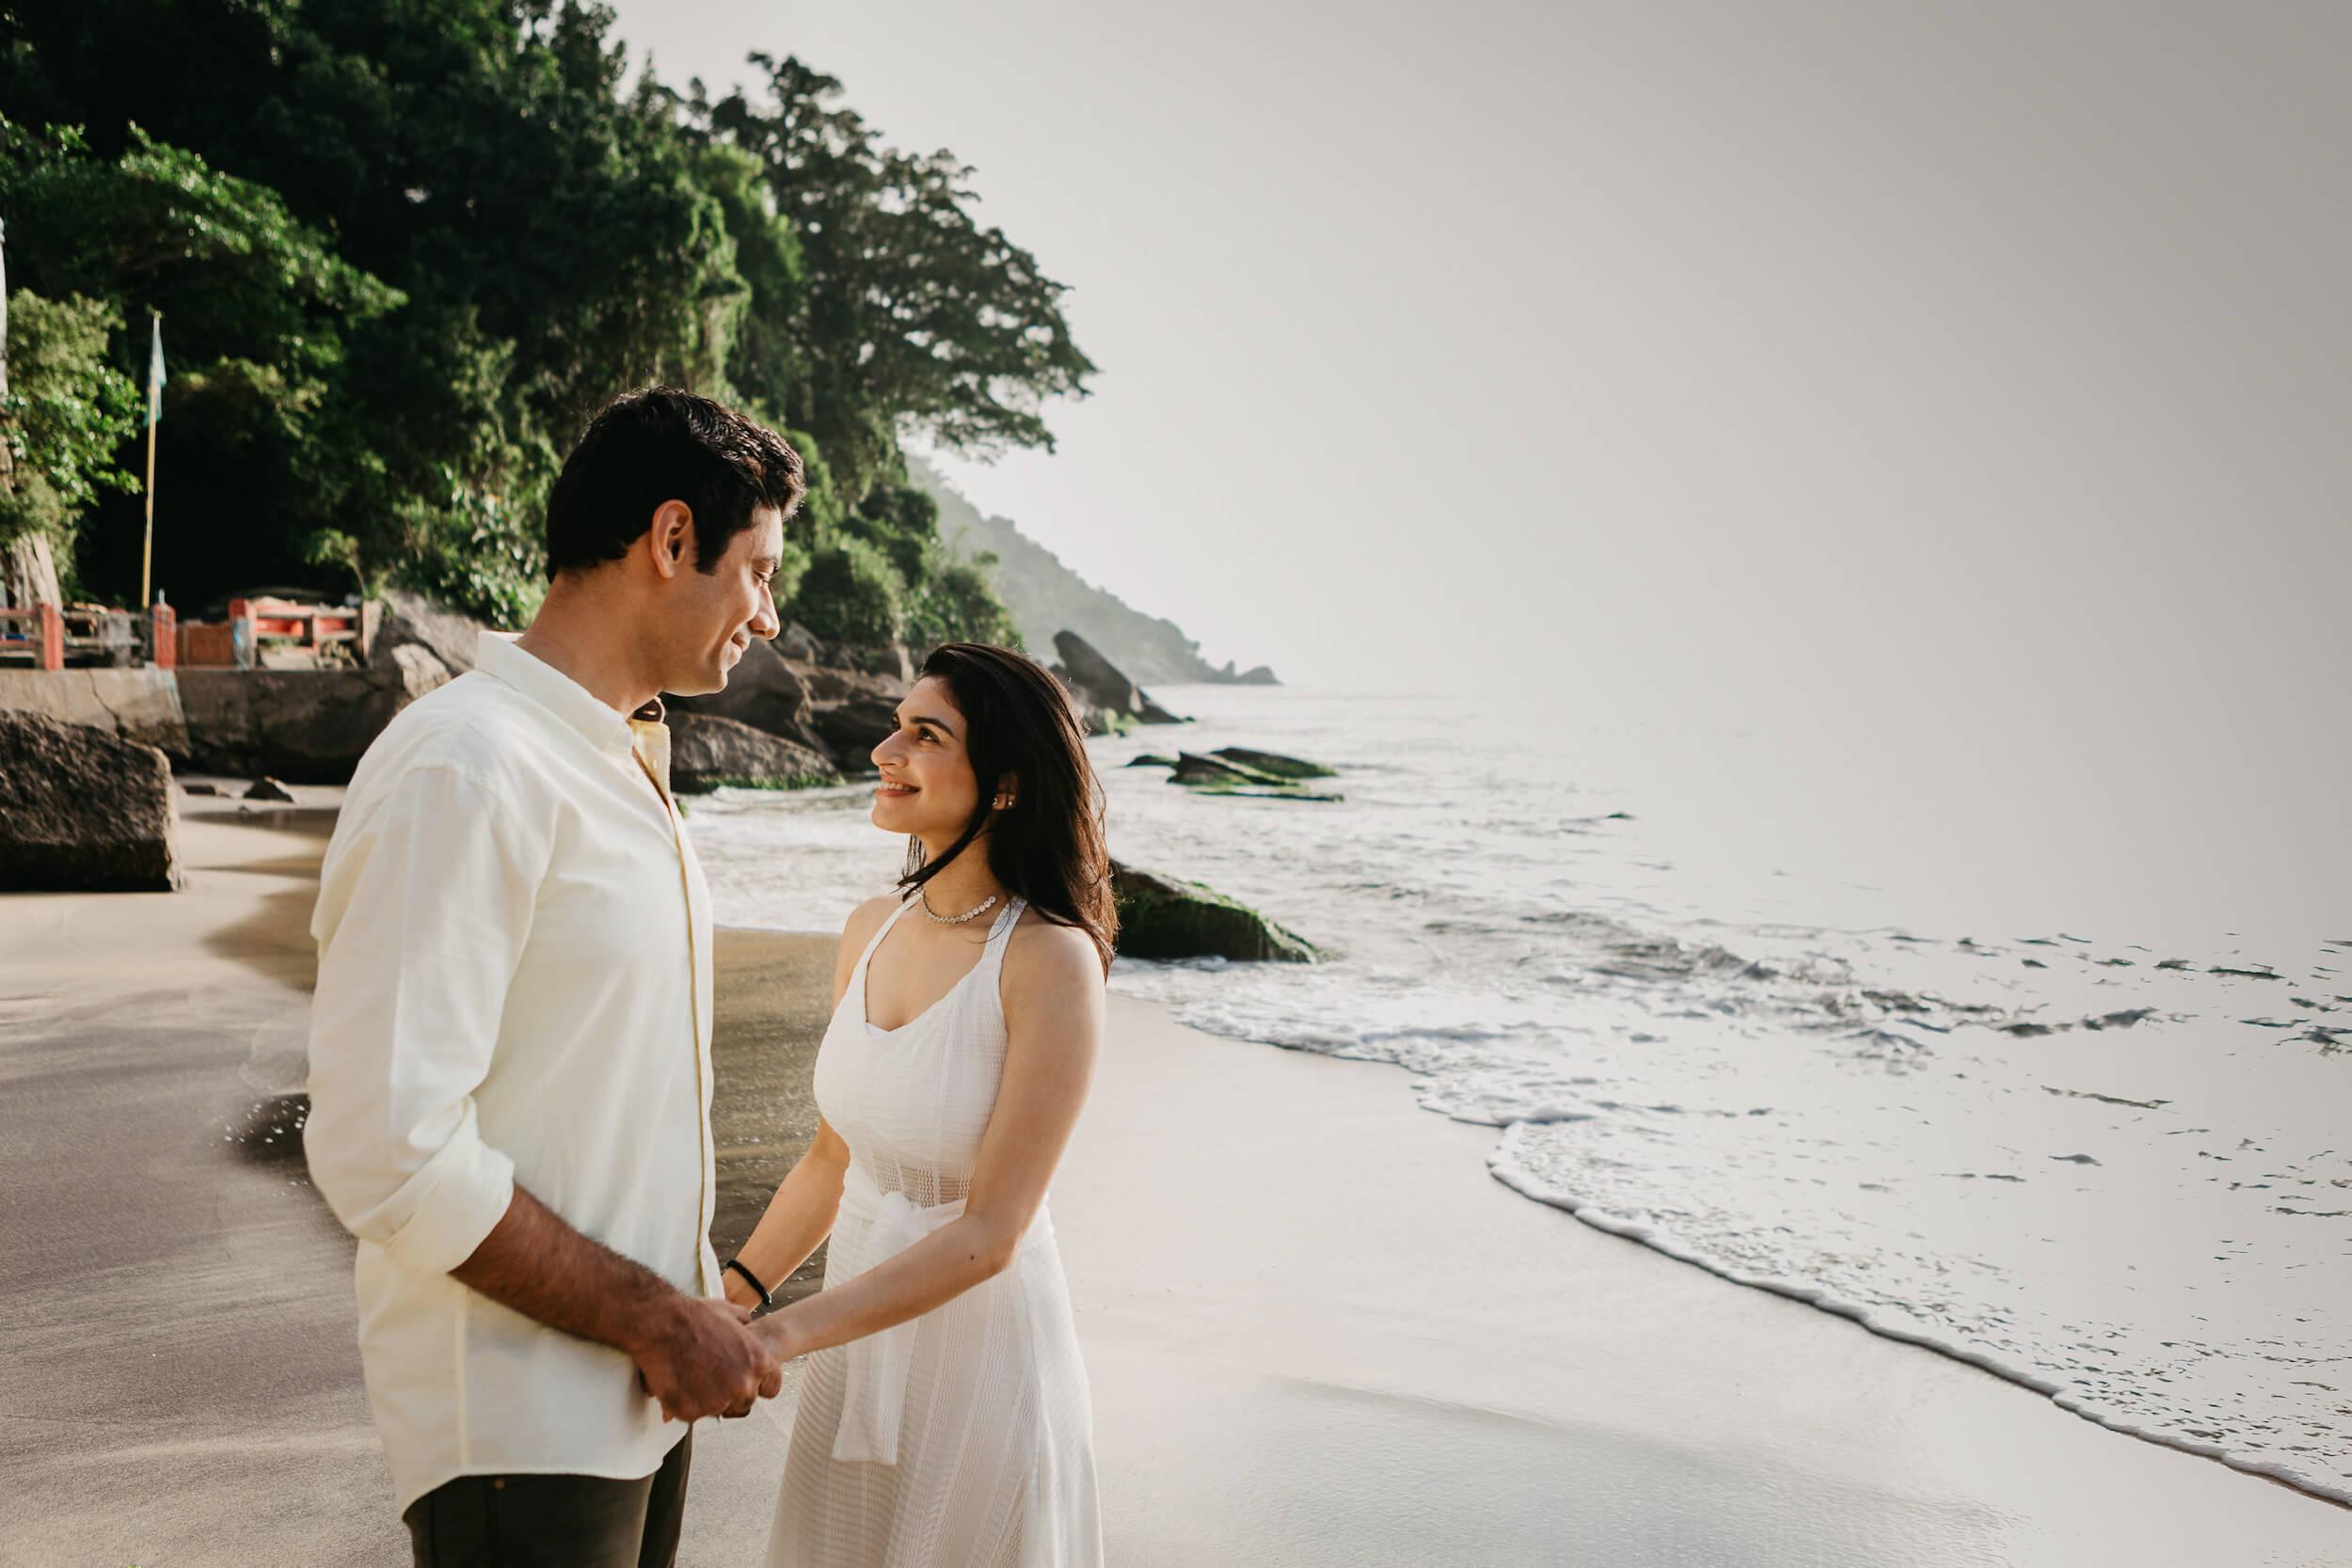 couple on the beach in rio de janeiro Brazil on a Flytographer photo shoot